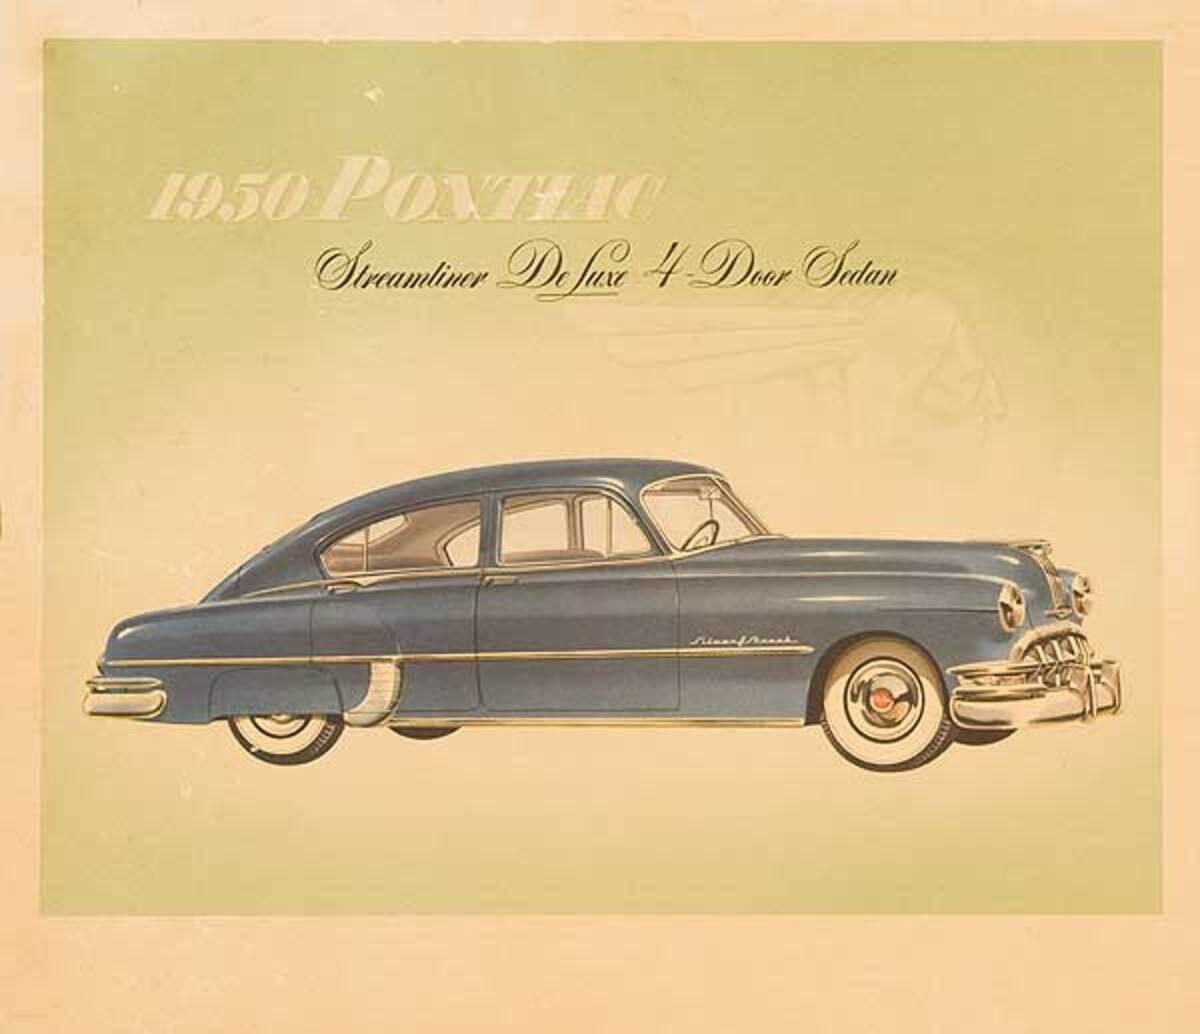 1950 Pontiac Streamliner Deluxe 4 Door Sedan Business Original Showroom Advertising Poster